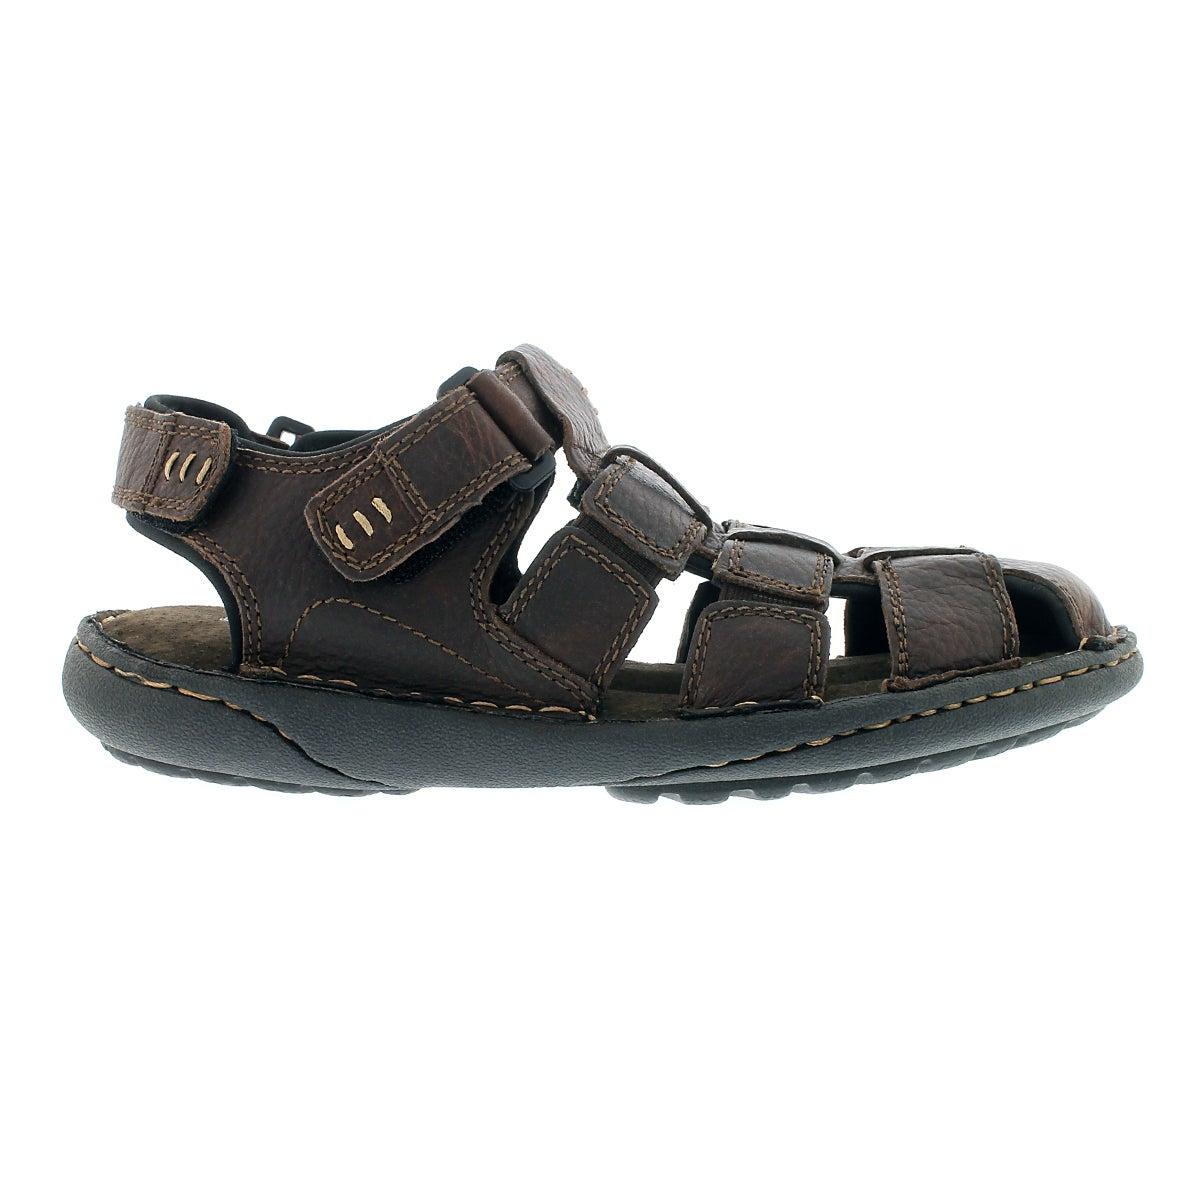 Mns Charles II brown fisherman sandal